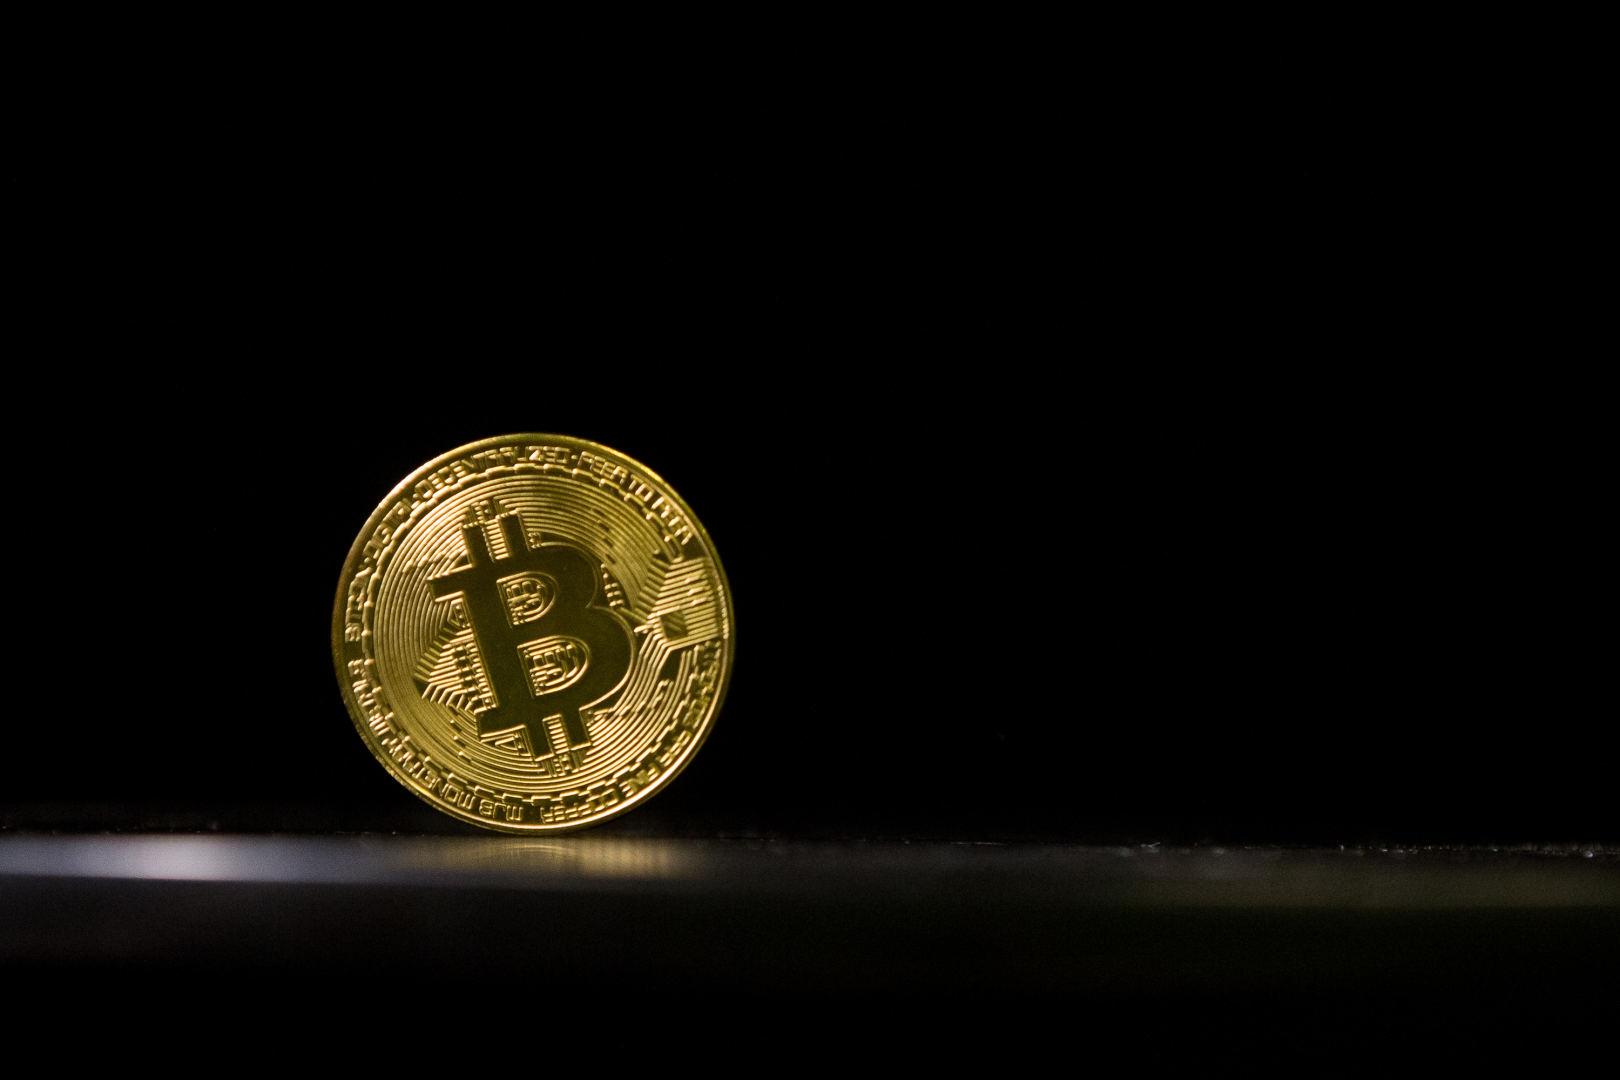 bitkoinų internetas dvejetainiai pasirinkimai su minimaliu įnašu